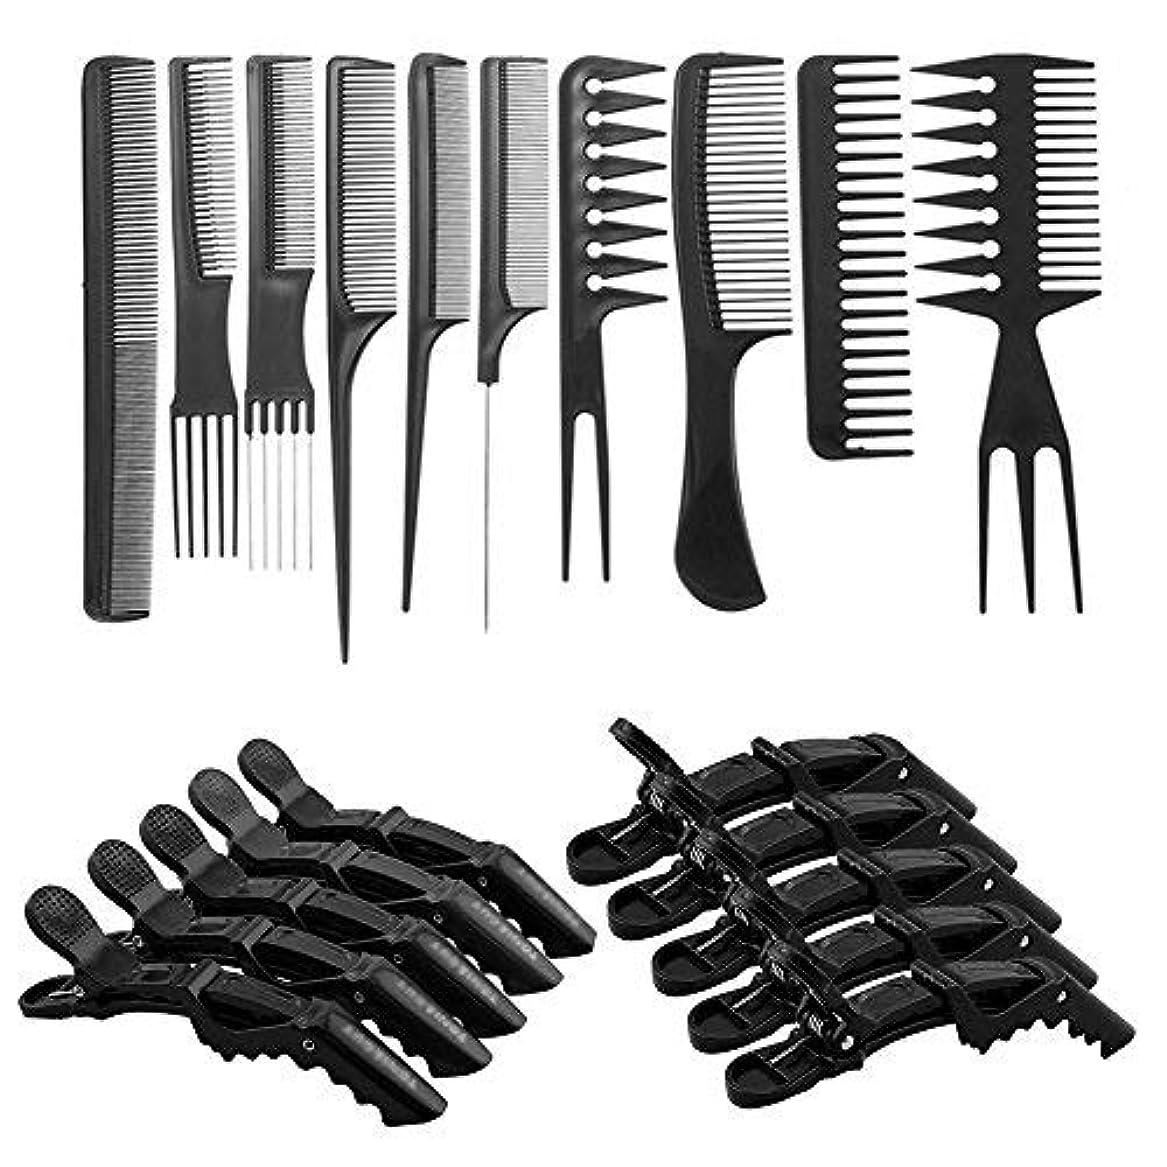 鎮静剤逃すクリア10 Pcs Professional Hair Styling Comb Set with Styling Clips [並行輸入品]